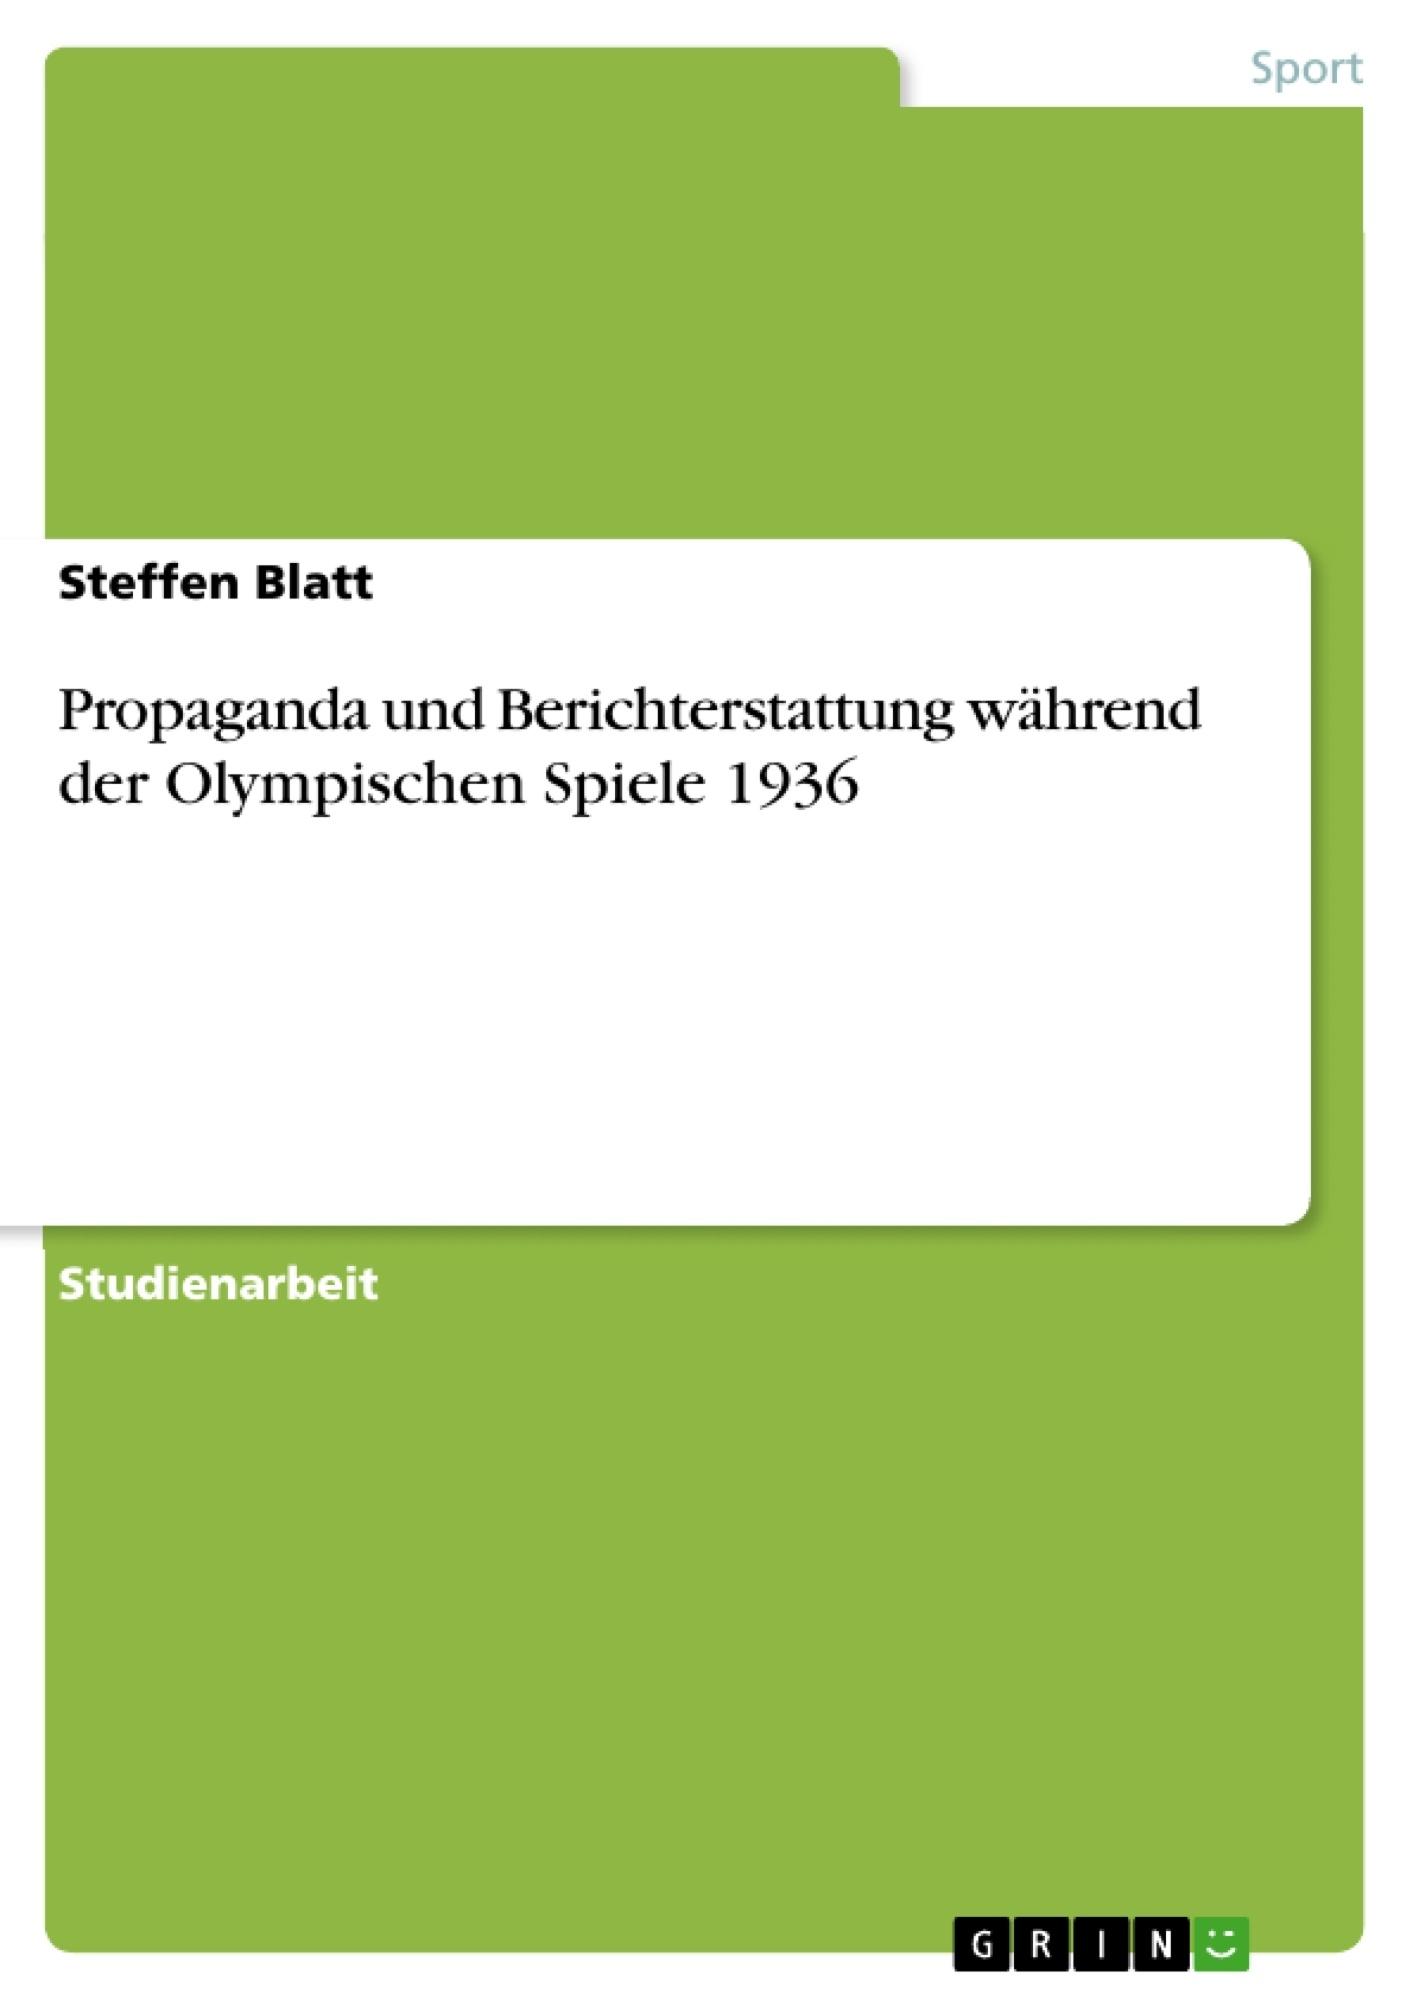 Propaganda und Berichterstattung während der Olympischen Spiele 1936 (German Edition)